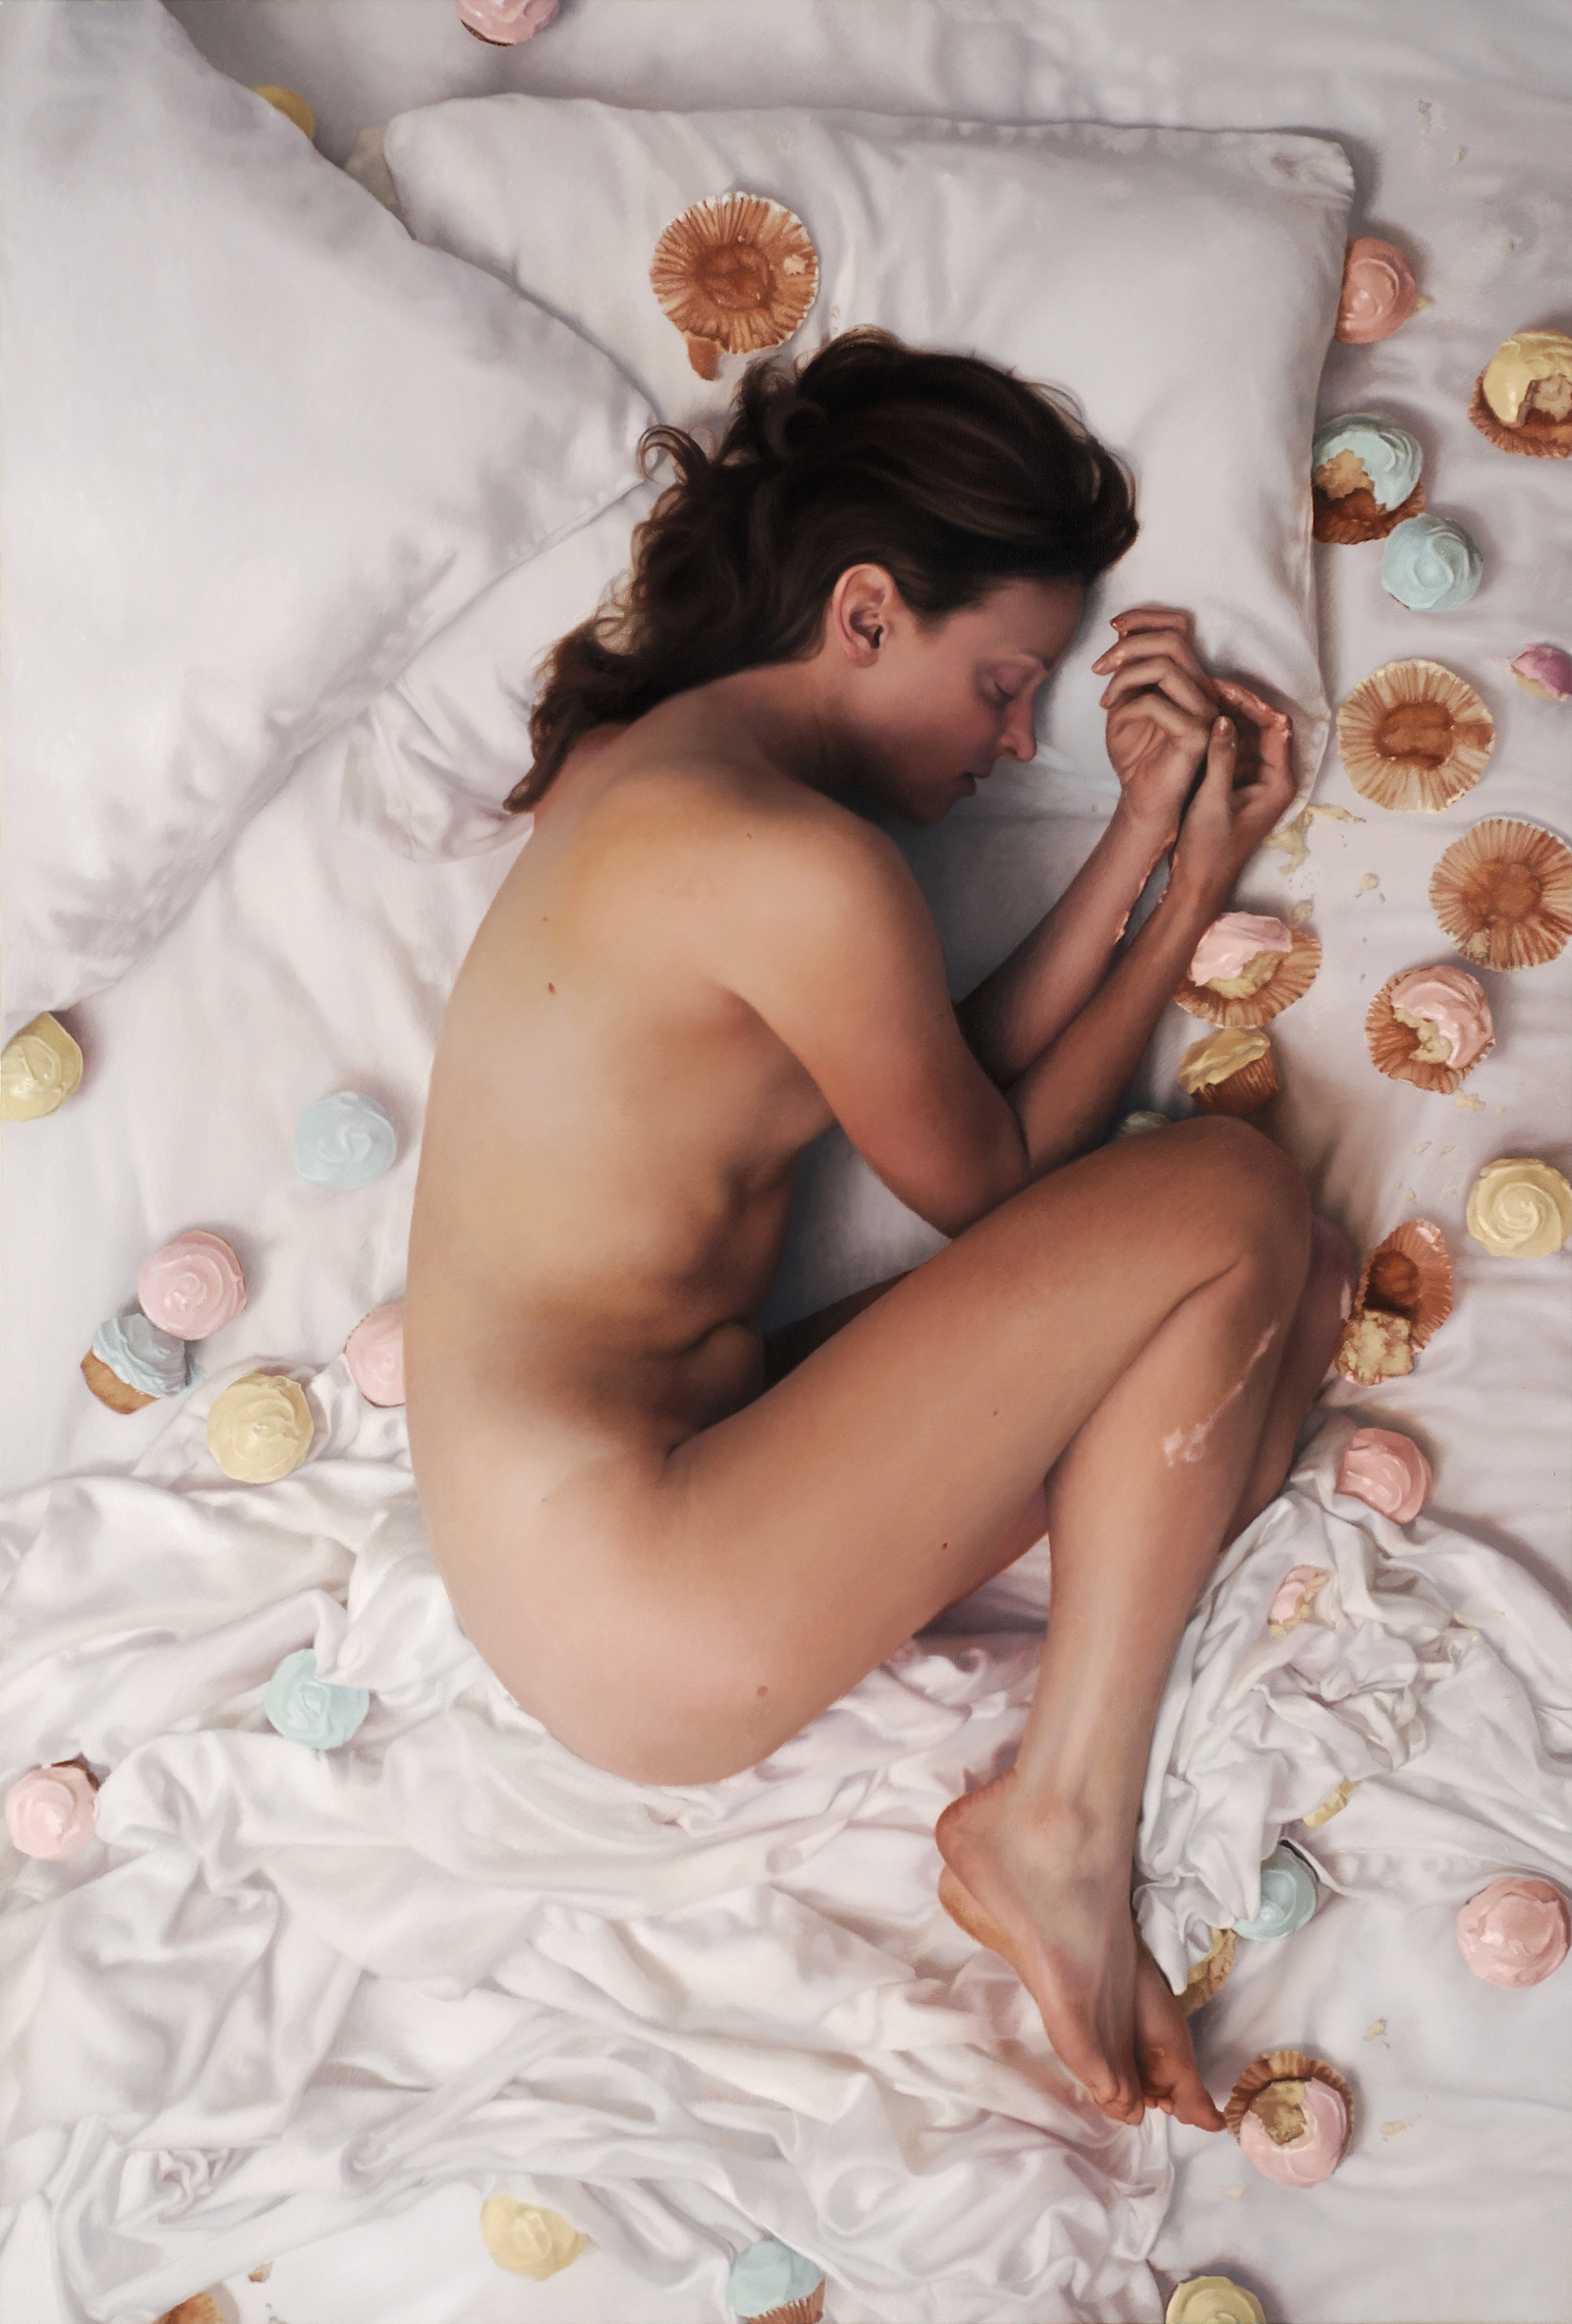 """Asleep,  2008  Oil on Linen  56"""" x 38"""""""